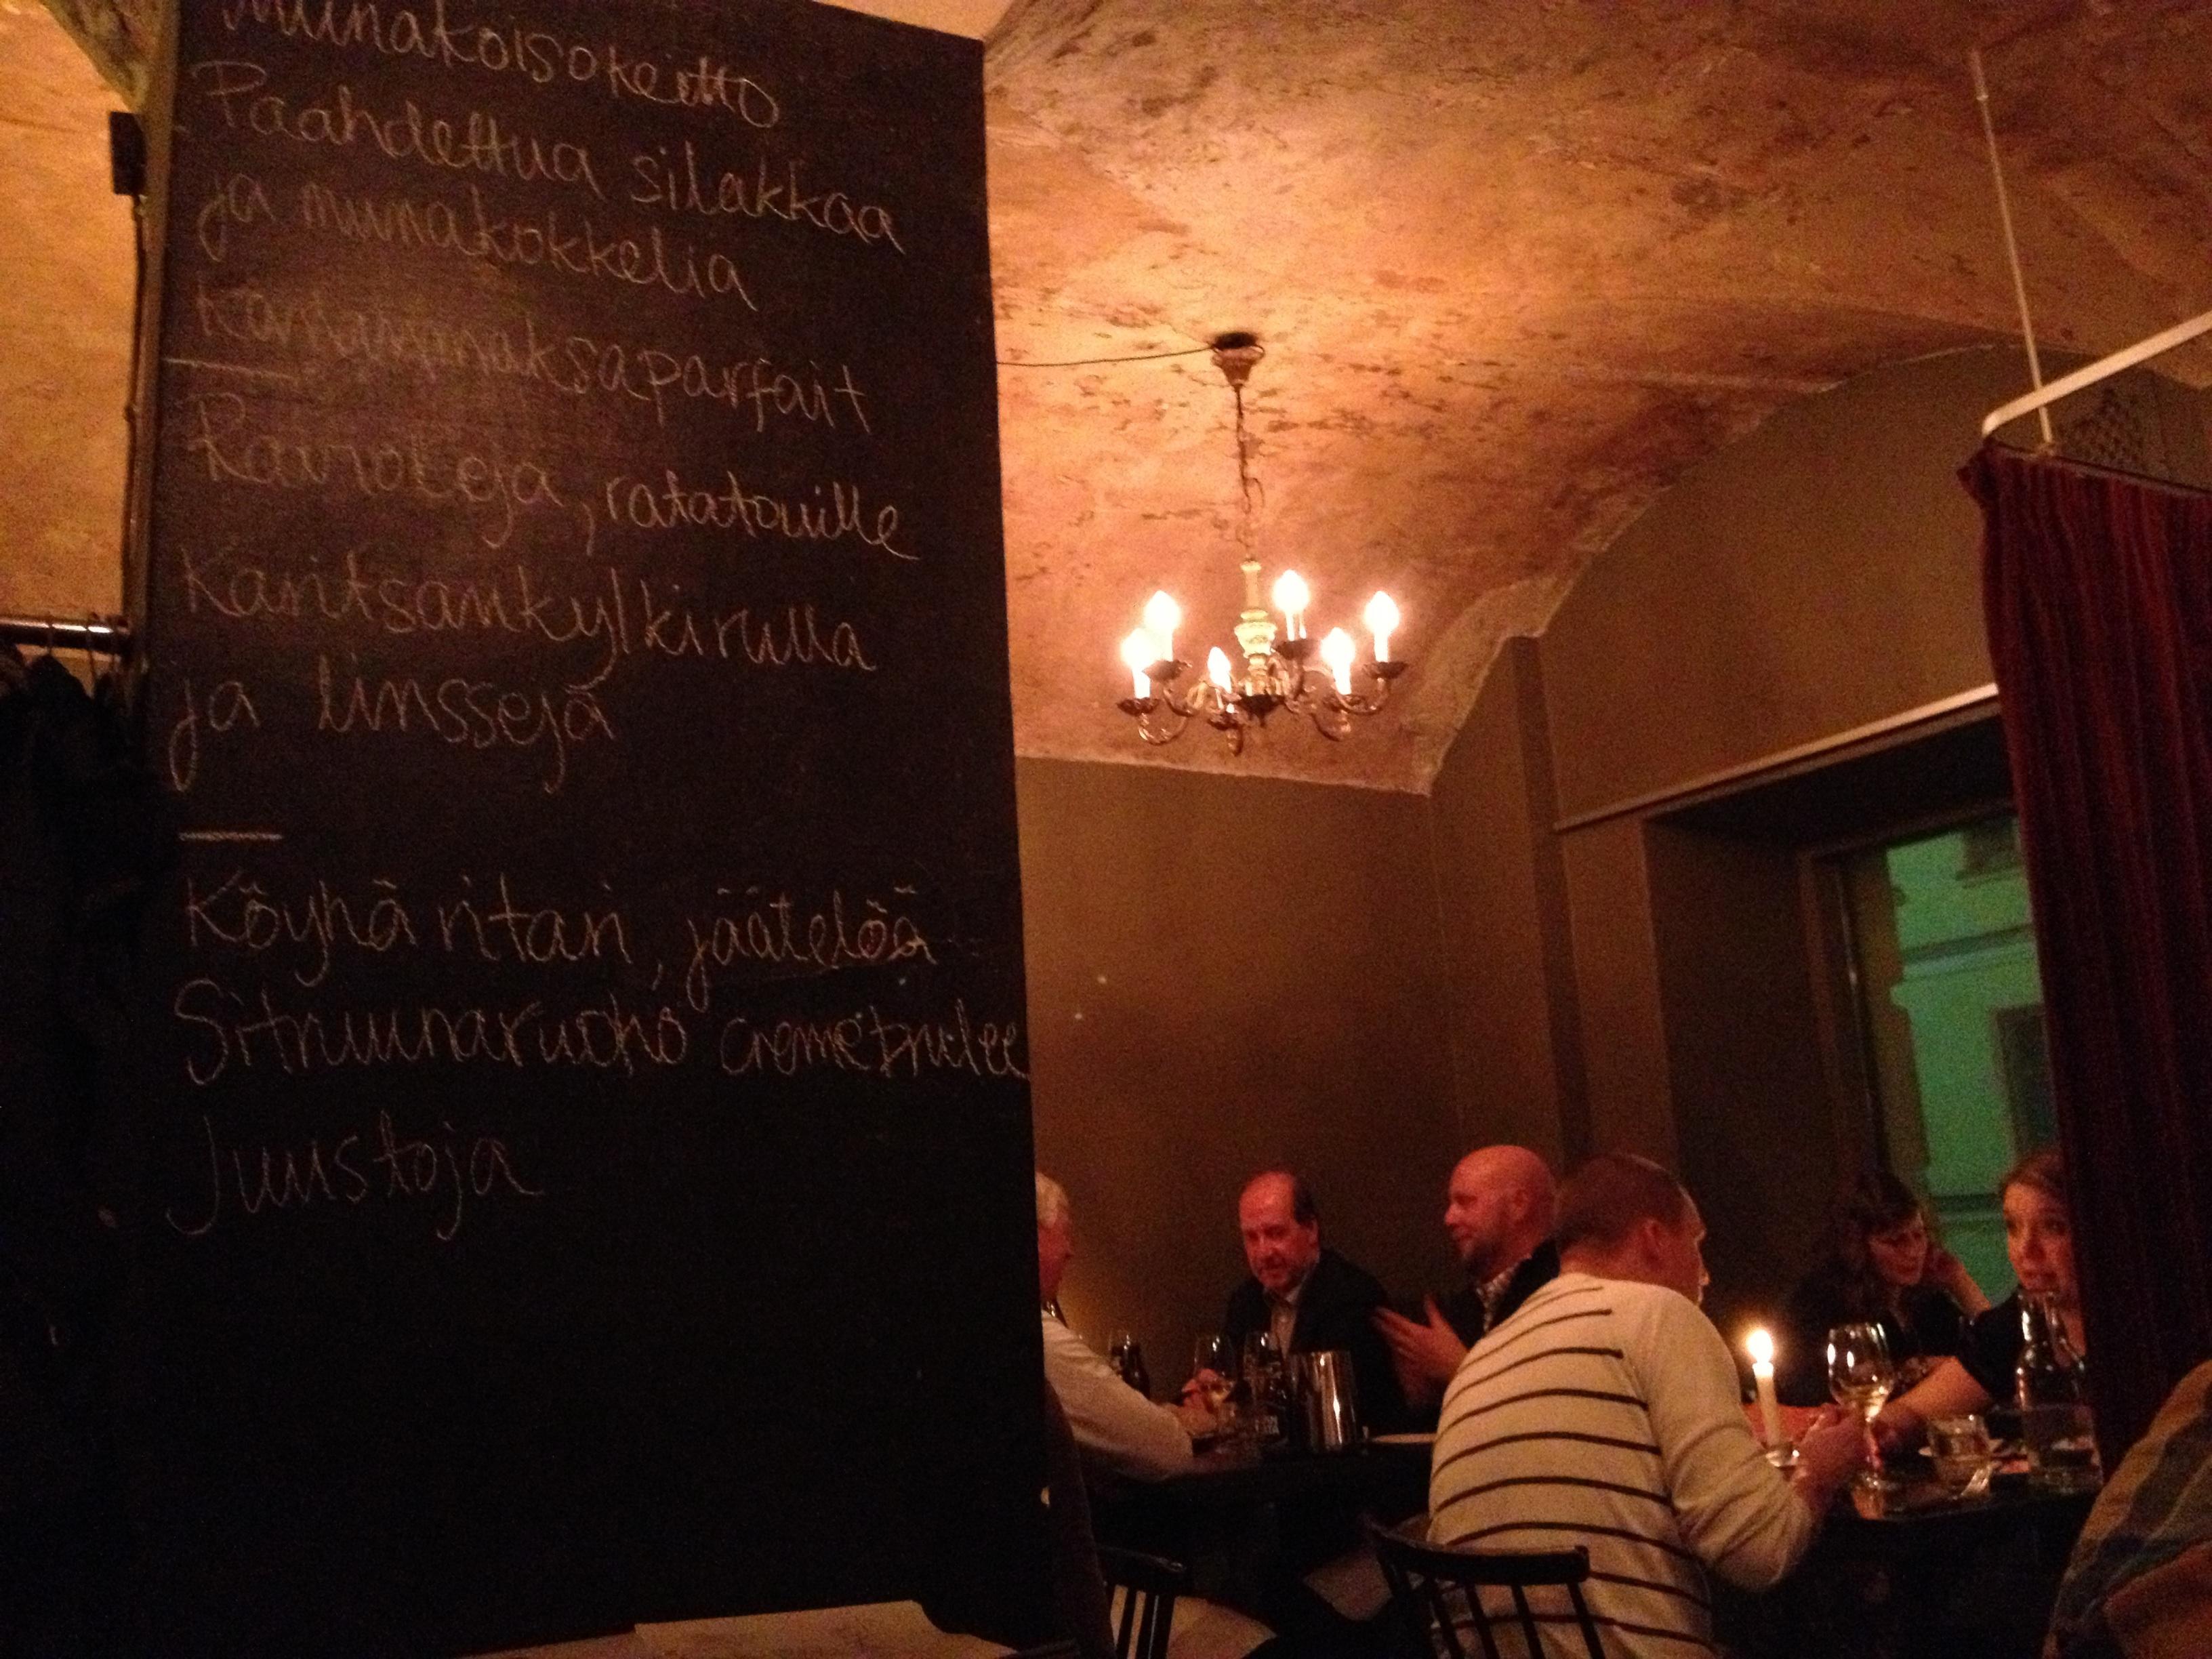 Kuurna, Helsinki: Ravintola Kuurna